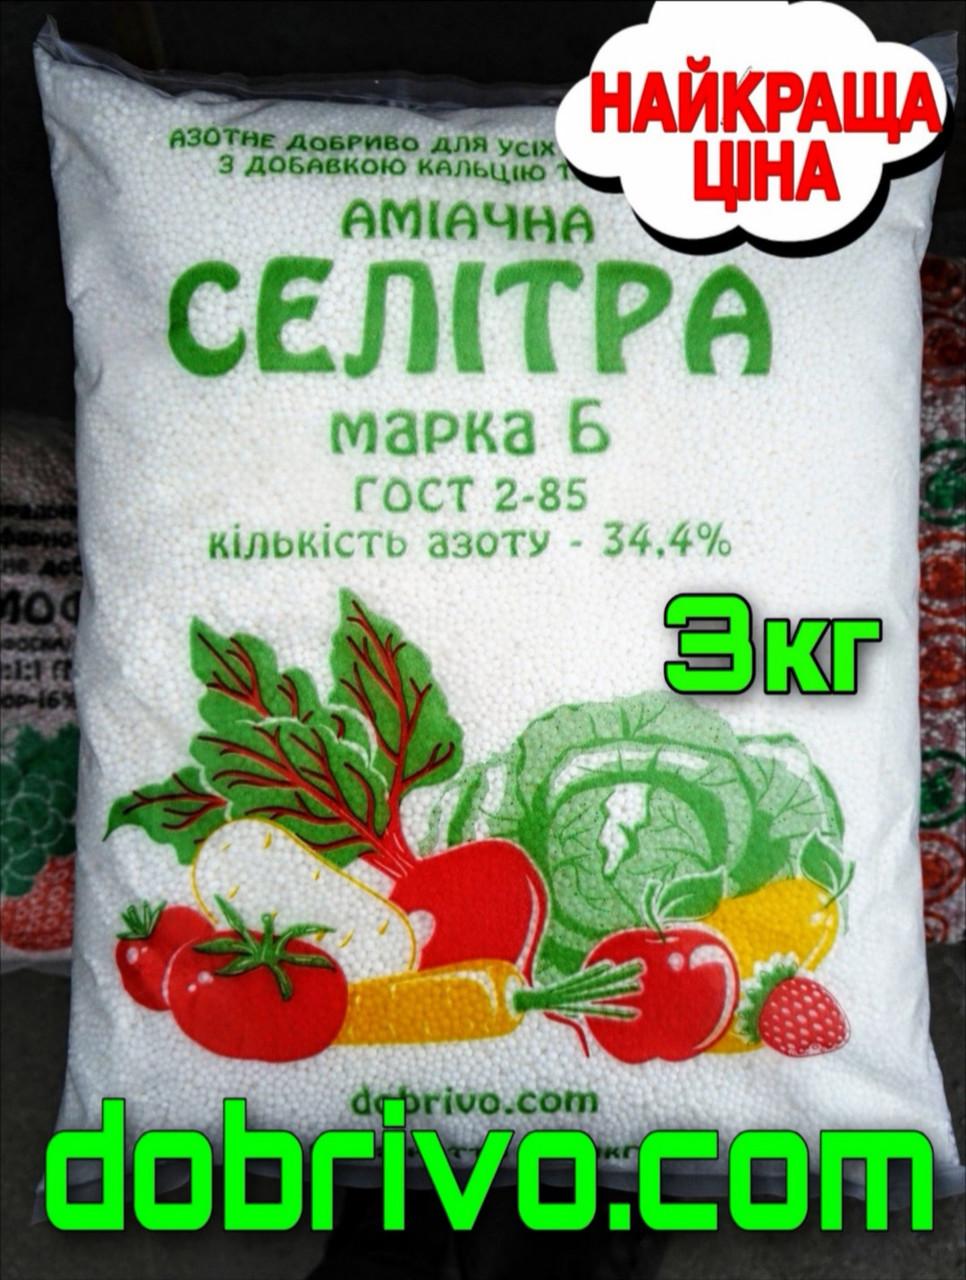 Селитра аммиачная 3 кг пакет N 34,4% Украина (лучшая цена купить оптом)